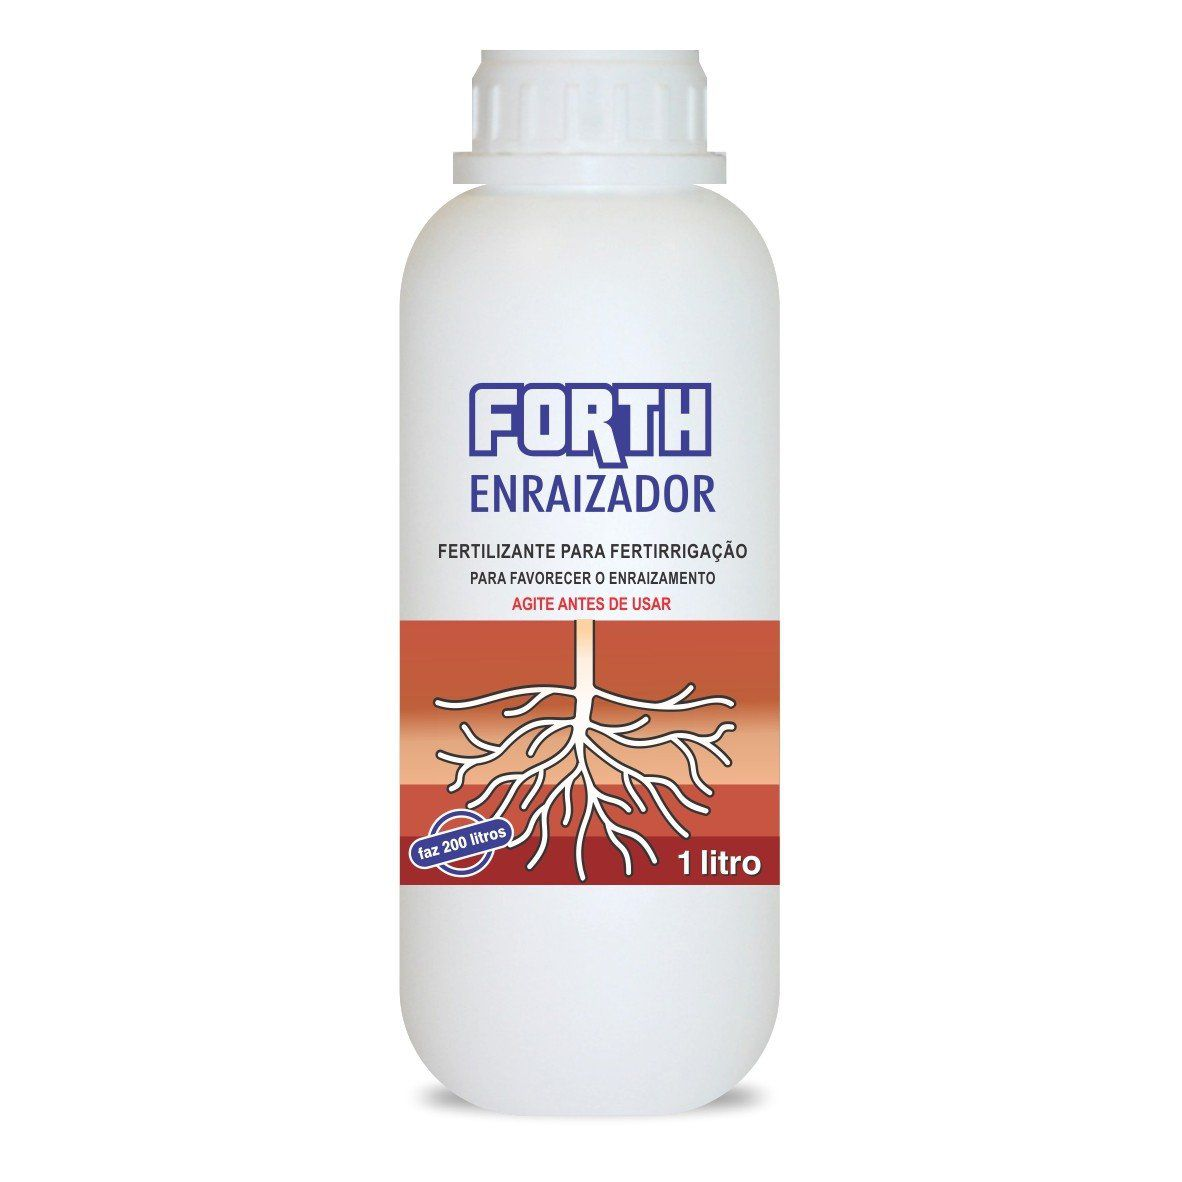 Fertilizante Enraizador para Fertirrigação - FORTH Enraizador - 1 Litro